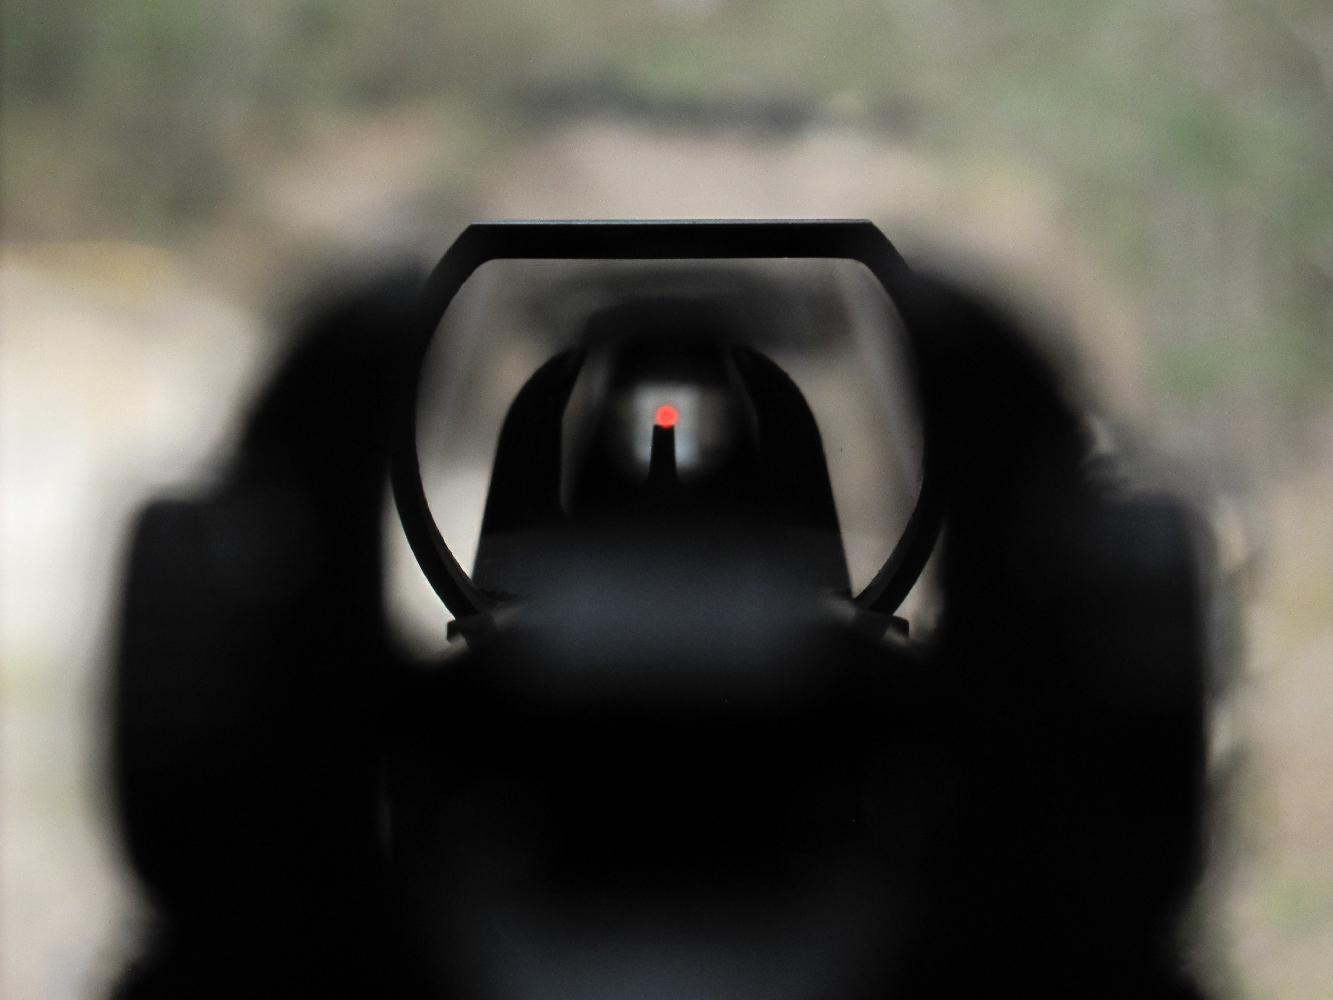 Cette photo prise en plaçant l'objectif à la place de l'œil du tireur, tout près de l'œilleton de la hausse (lequel apparaît ici flou en raison de la profondeur de champ réduite) permet d'observer la concordance entre les deux systèmes de visée, le point lumineux du viseur reflex se trouvant situé à l'extrémité supérieure du guidon.